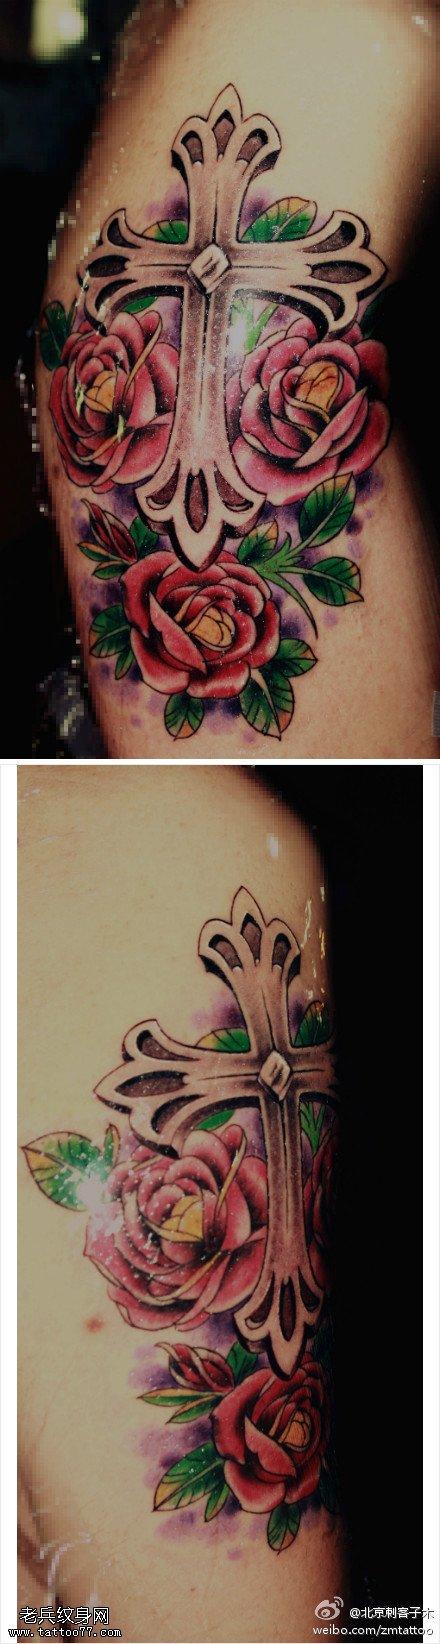 美丽肃穆鲜花十字架纹身图案图片